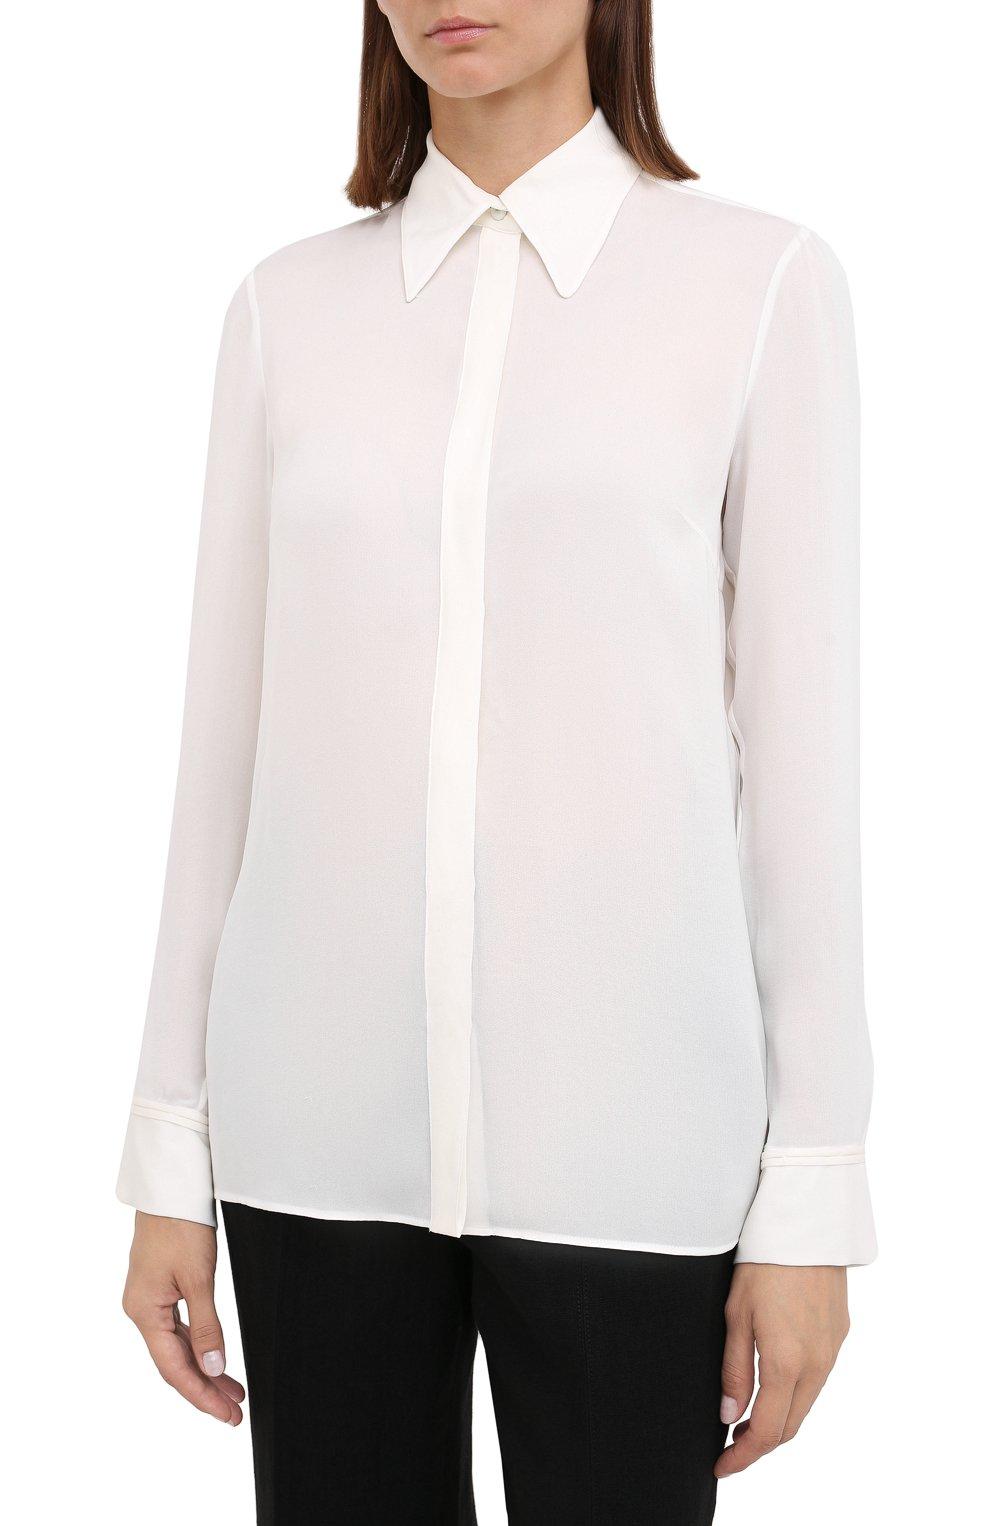 Женская шелковая рубашка GABRIELA HEARST белого цвета, арт. 420117 S032   Фото 3 (Материал внешний: Шелк; Рукава: Длинные; Принт: Без принта; Женское Кросс-КТ: Рубашка-одежда; Длина (для топов): Стандартные)